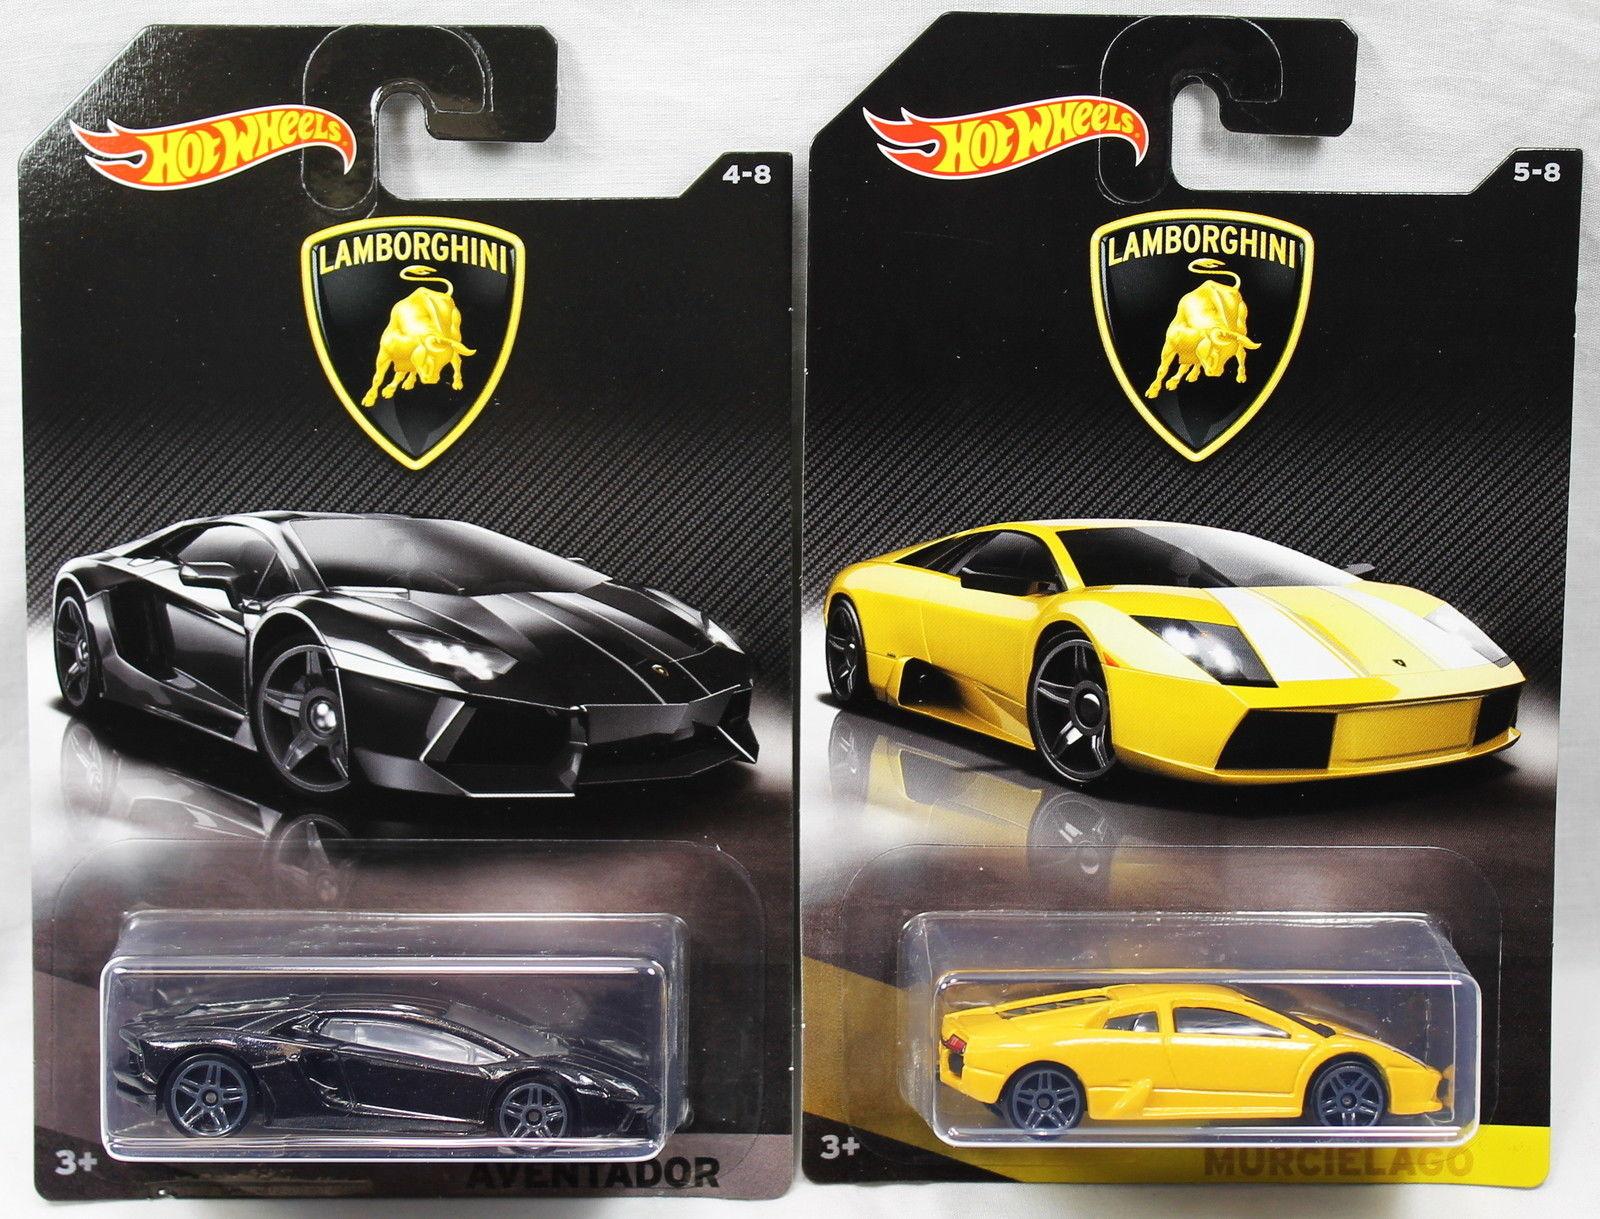 Awesome Set Of 2 2017 Hot Wheels Lamborghini Aventador Murcielago